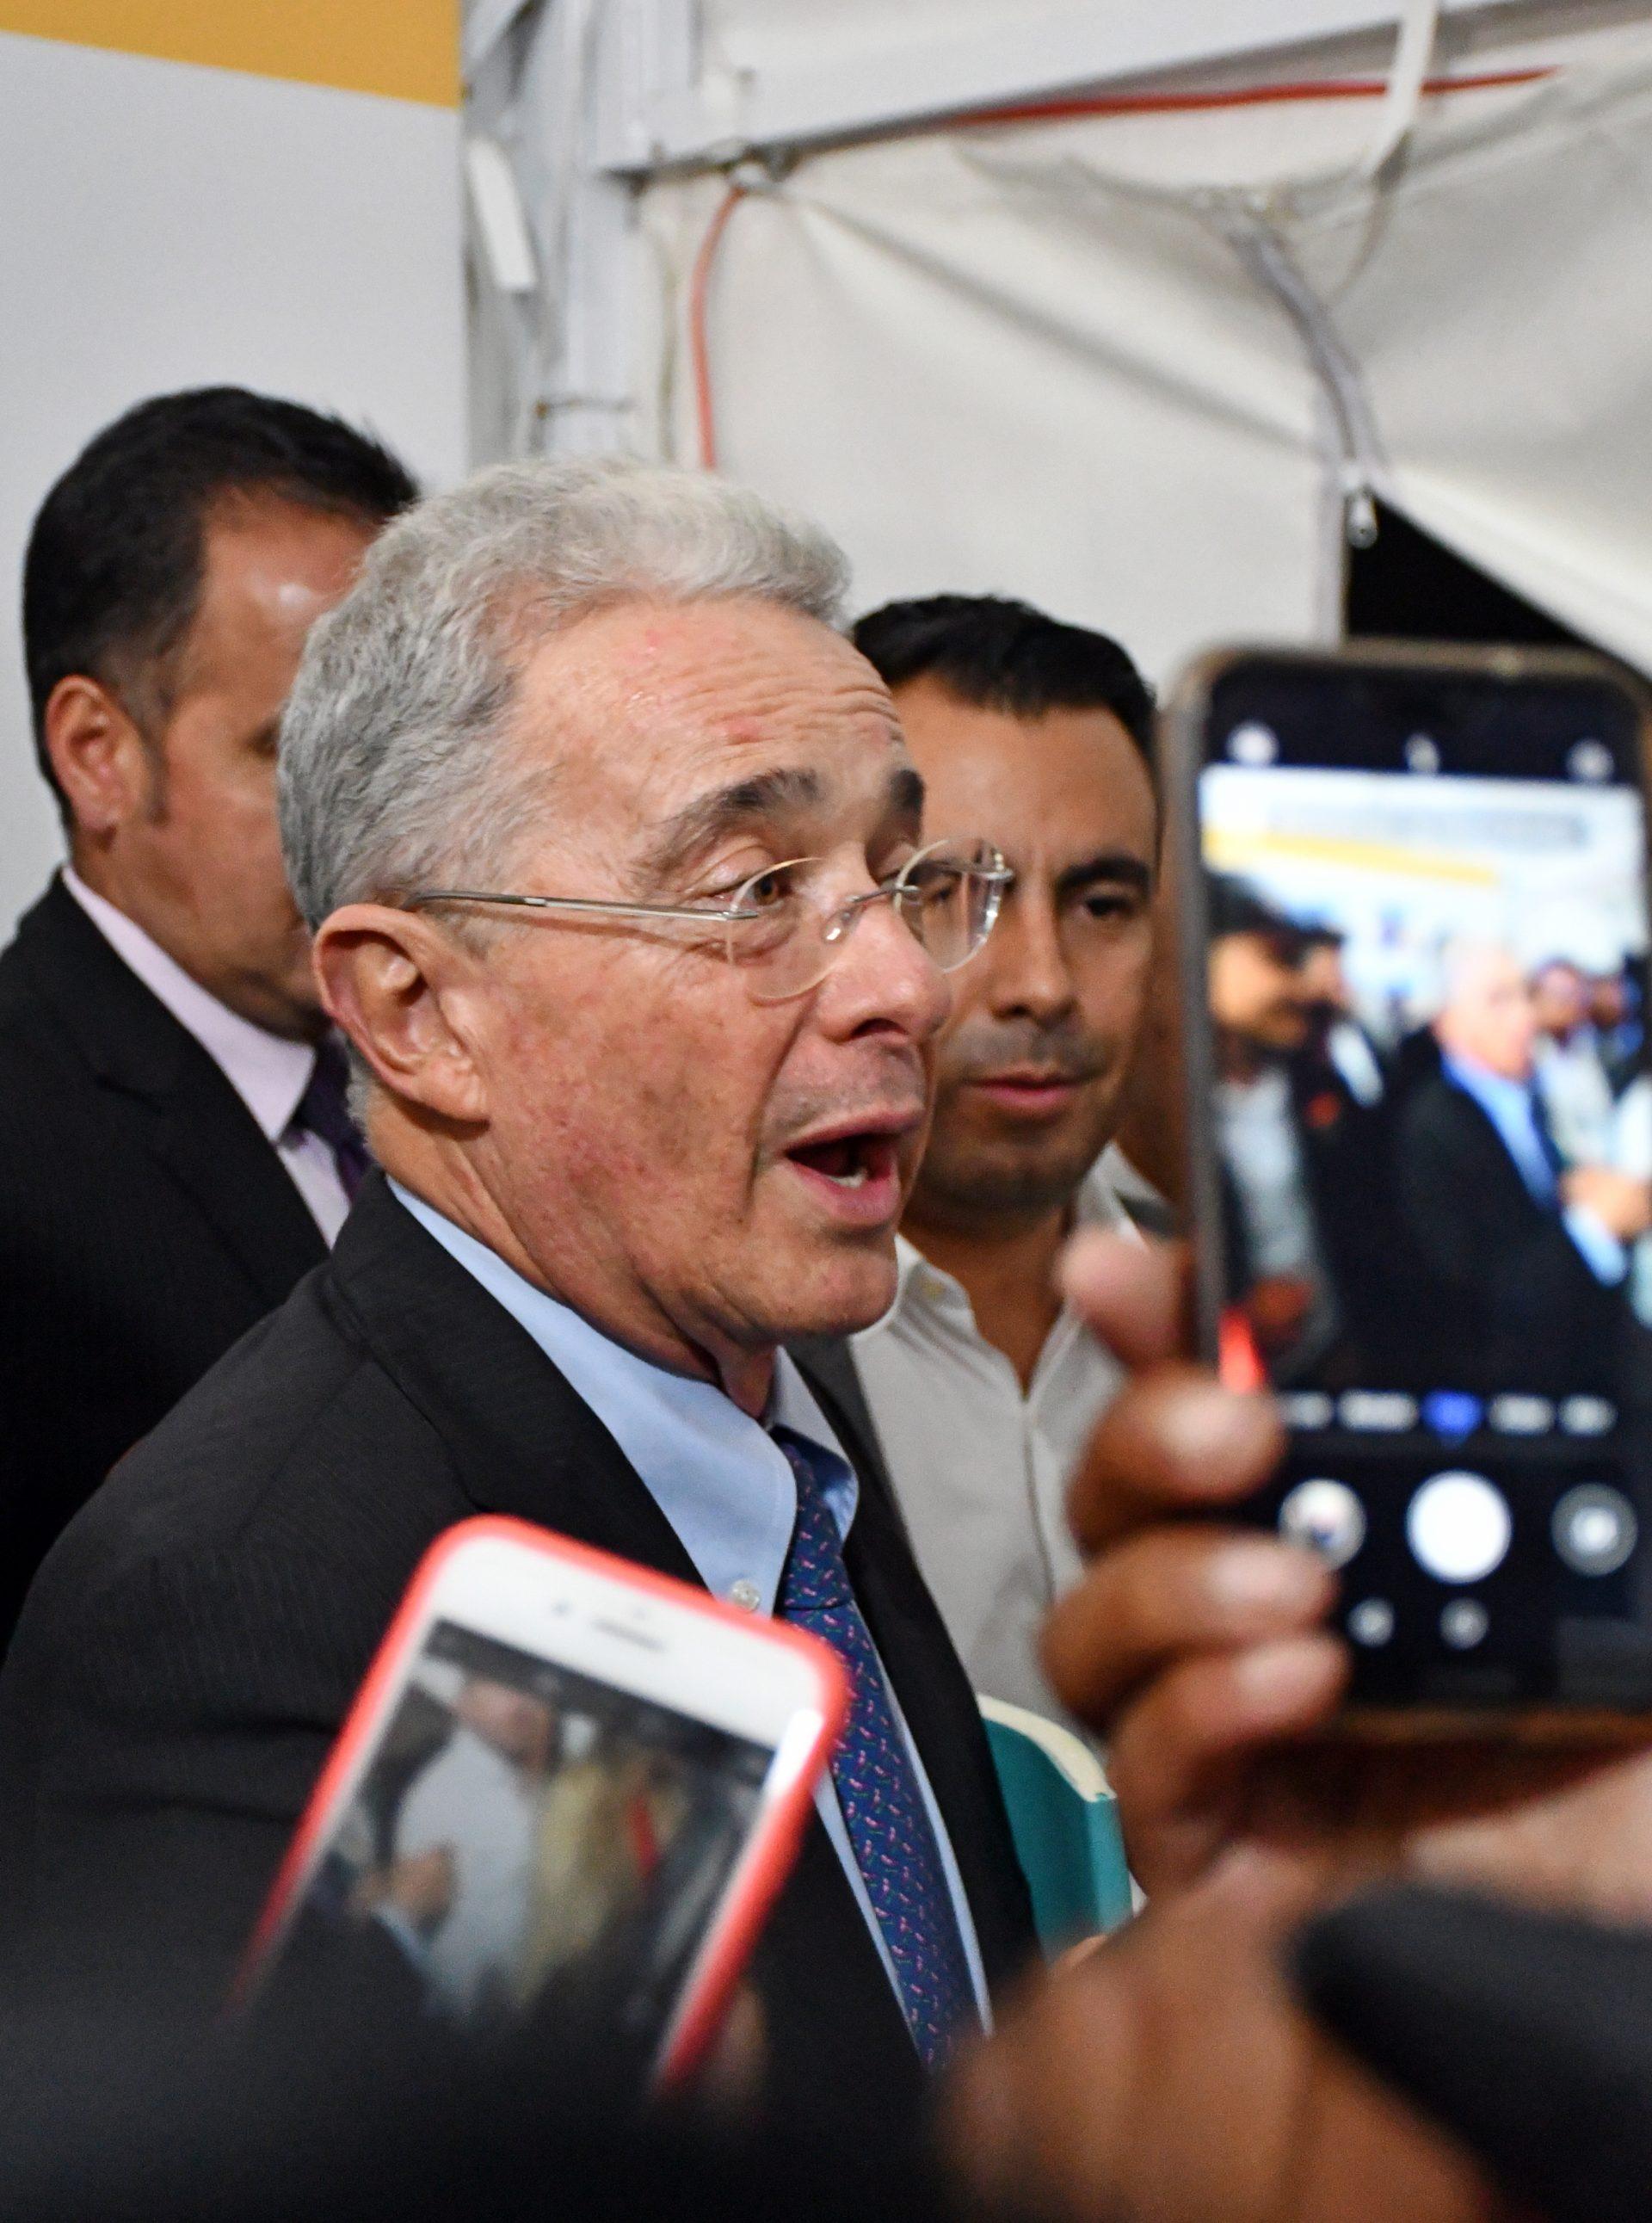 Entrevista Diario las Américas 06/11/21